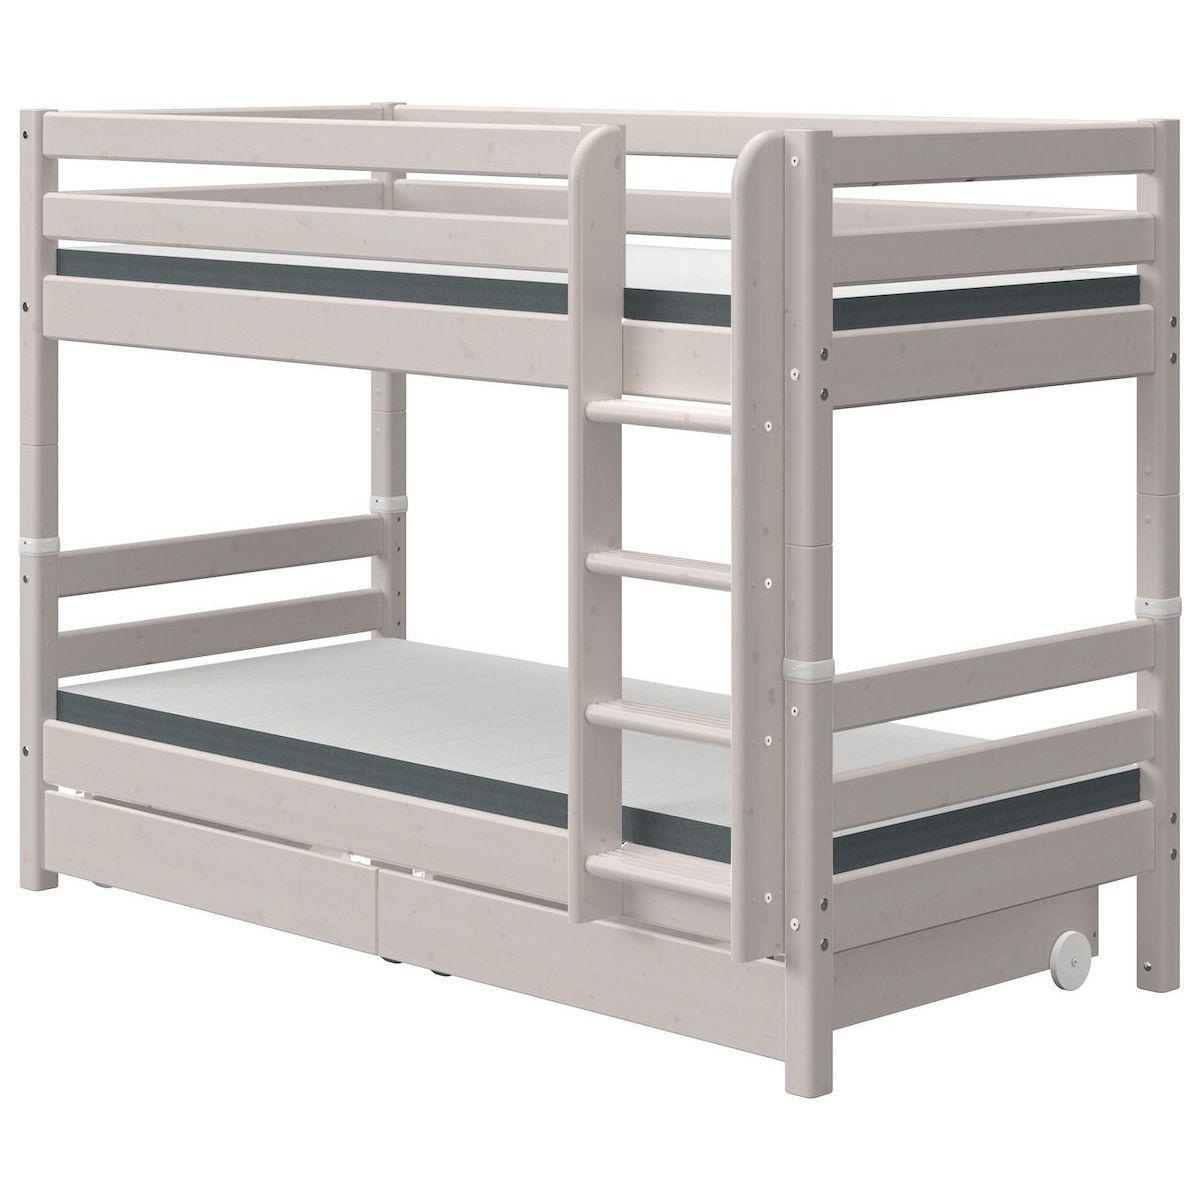 Etagenbett 90x200cm gerade Leiter 2 Schubladen CLASSIC grey washed